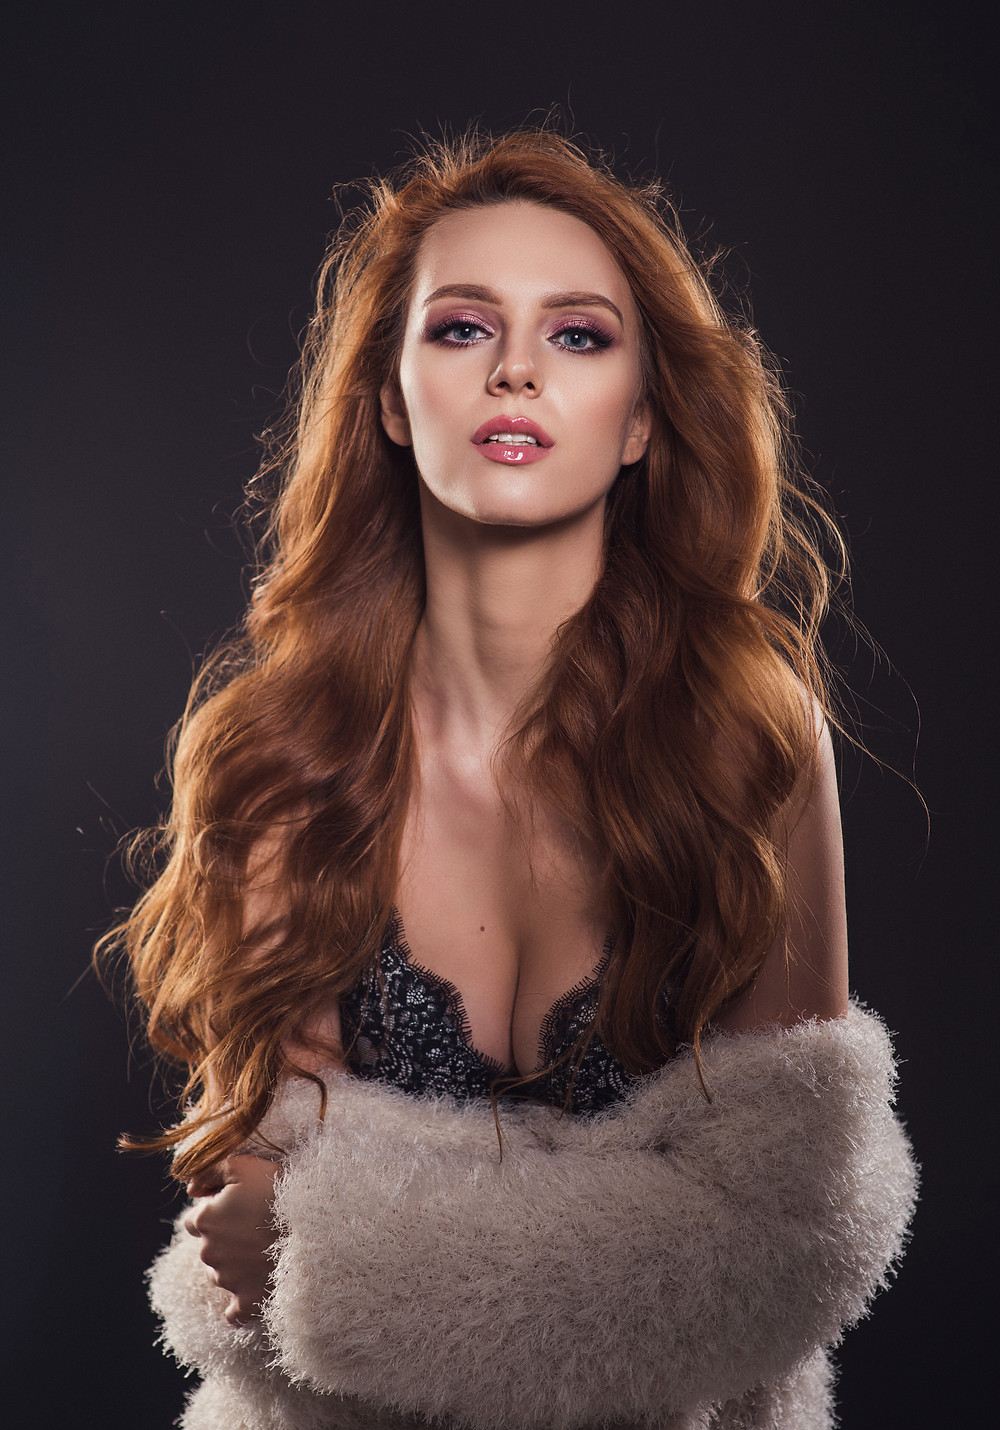 Портрет красивой девушки в студии